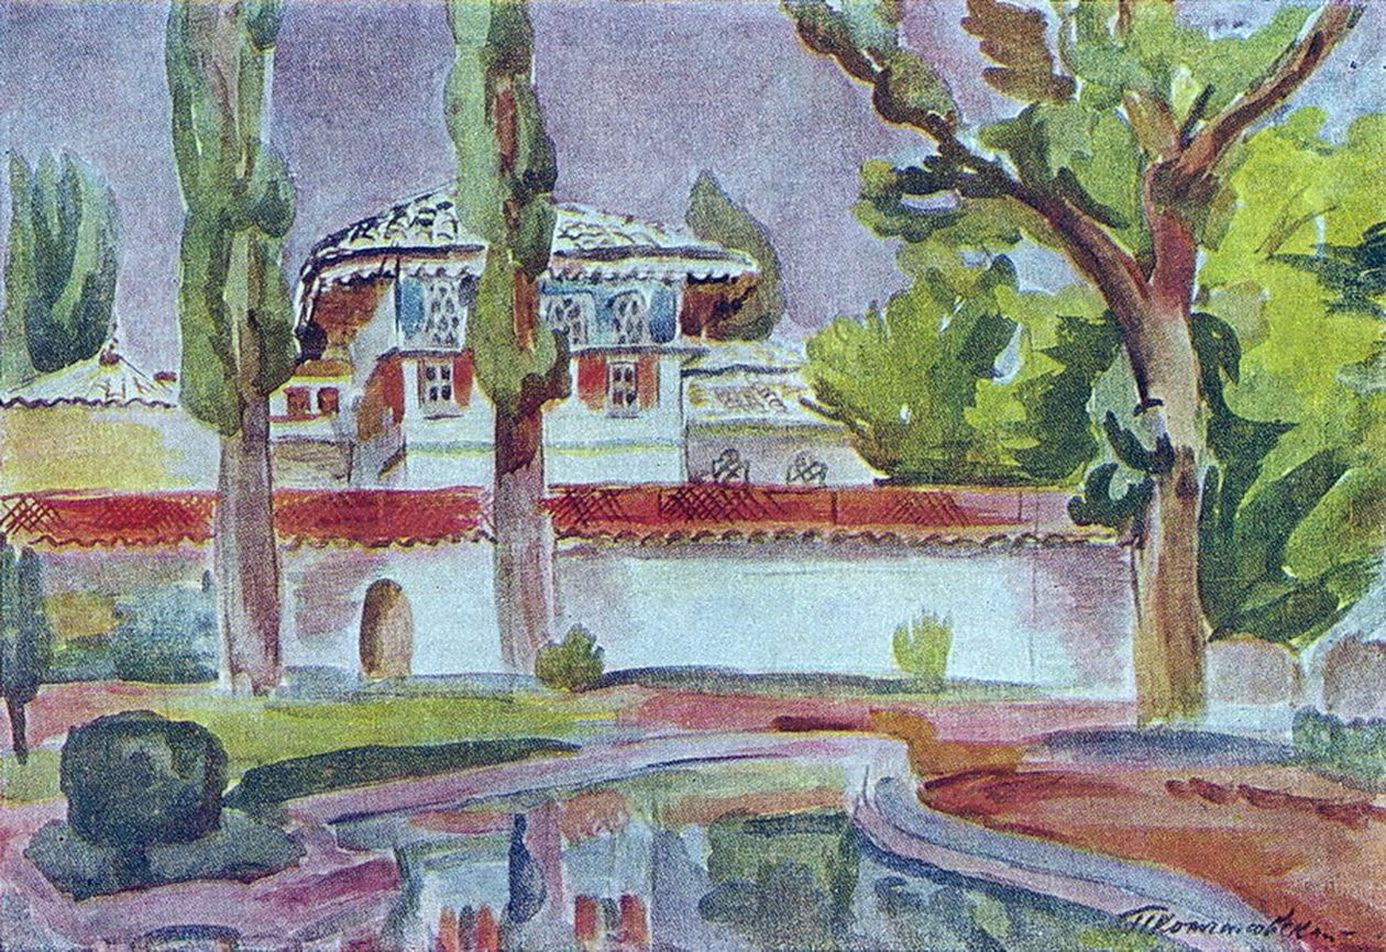 Петр Кончаловский. Бахчисарай. Ханский дворец. 1930